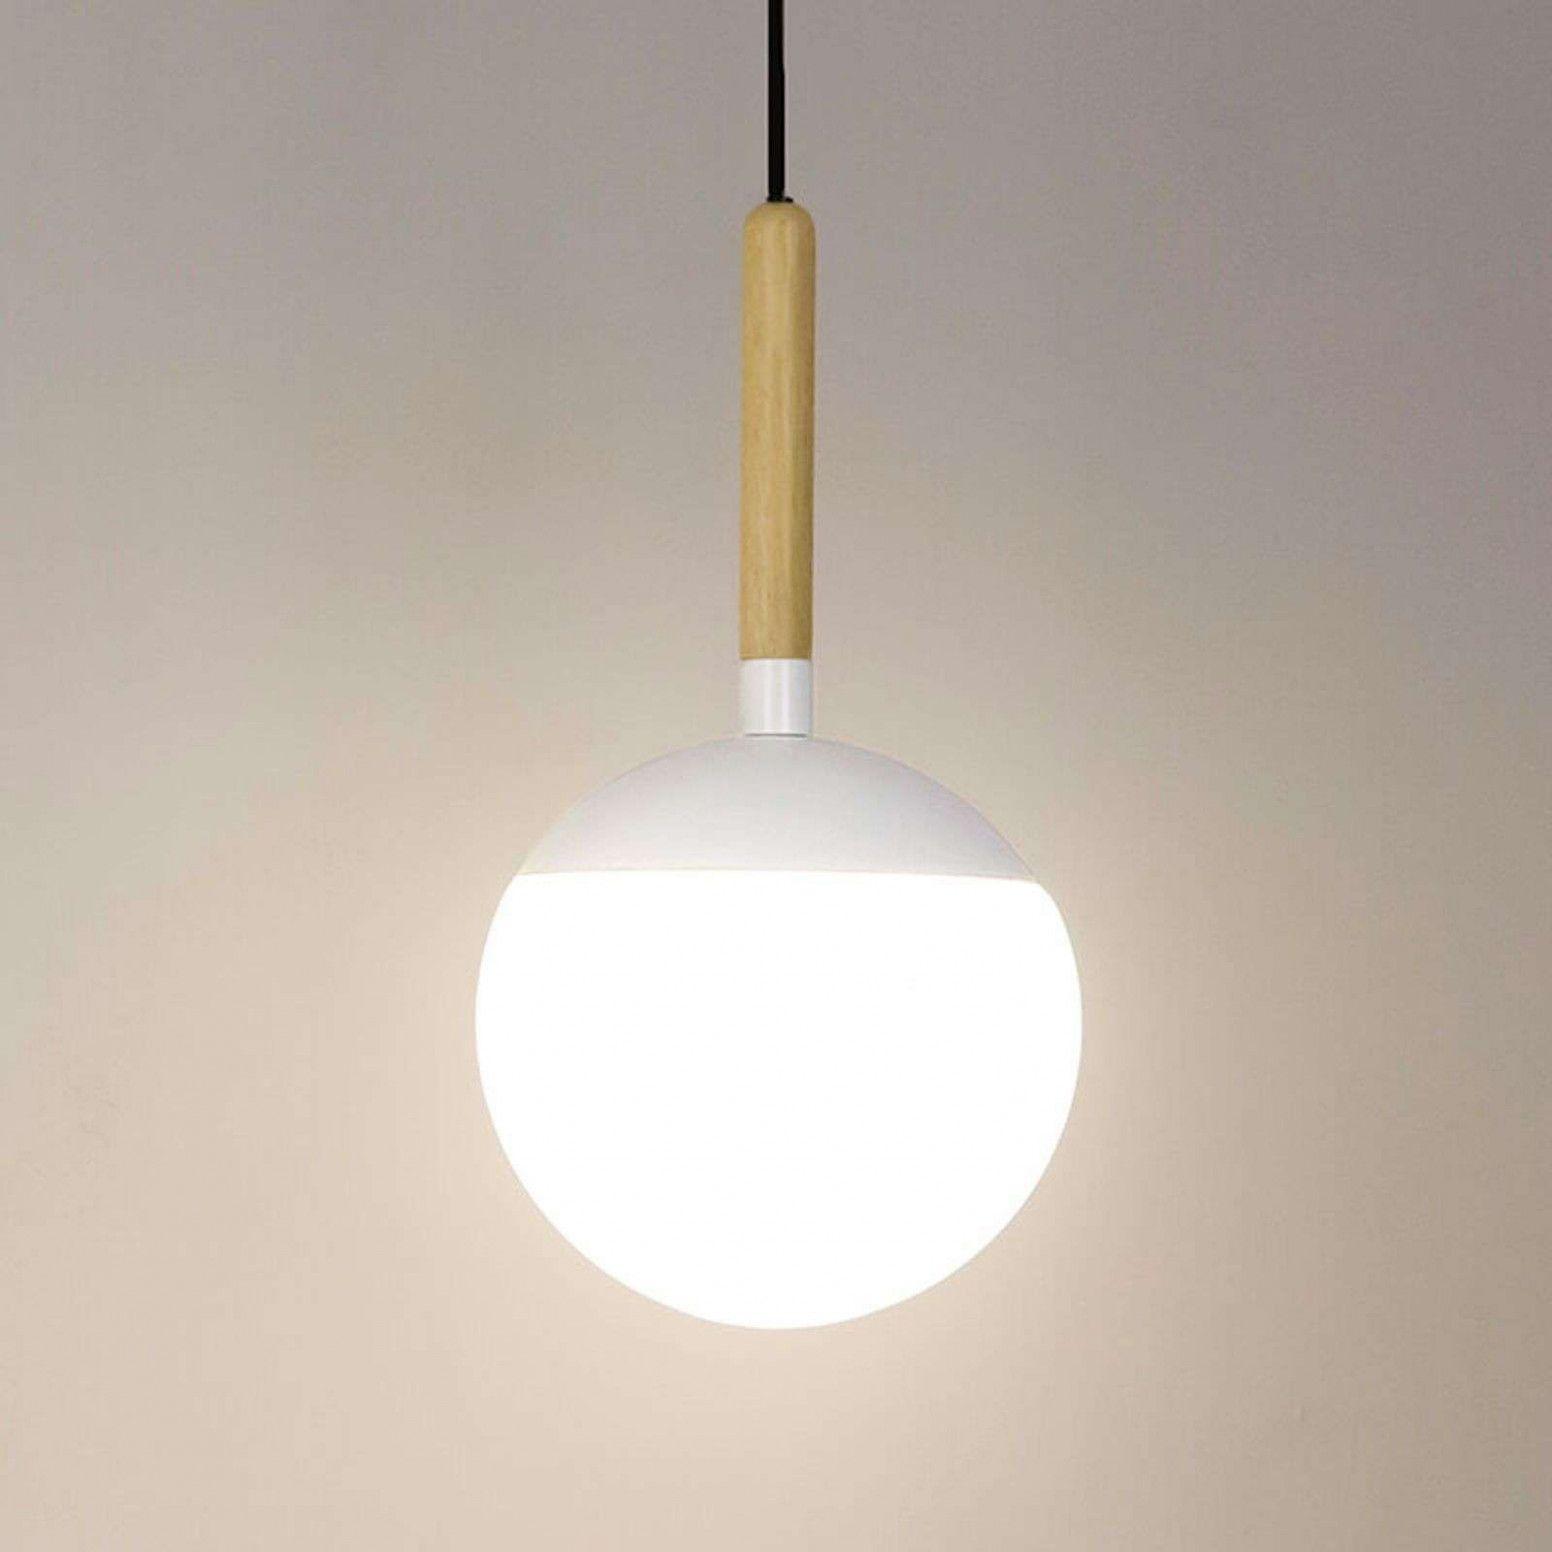 Wohnzimmer Lampe Höhenverstellbar